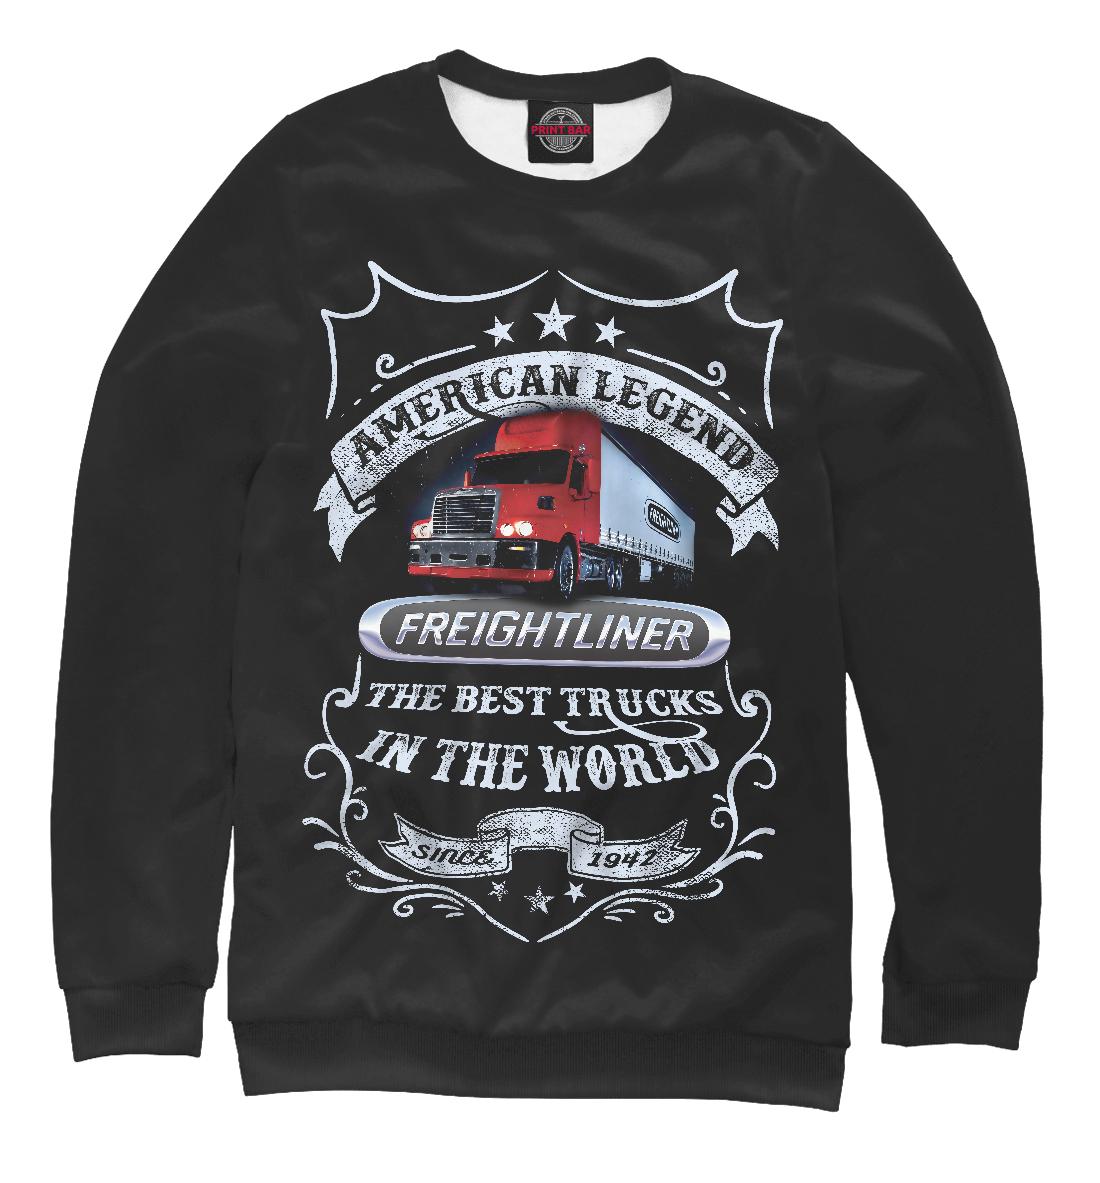 Купить FREIGHTLINER - Американская легенда, Printbar, Свитшоты, GRZ-279699-swi-1